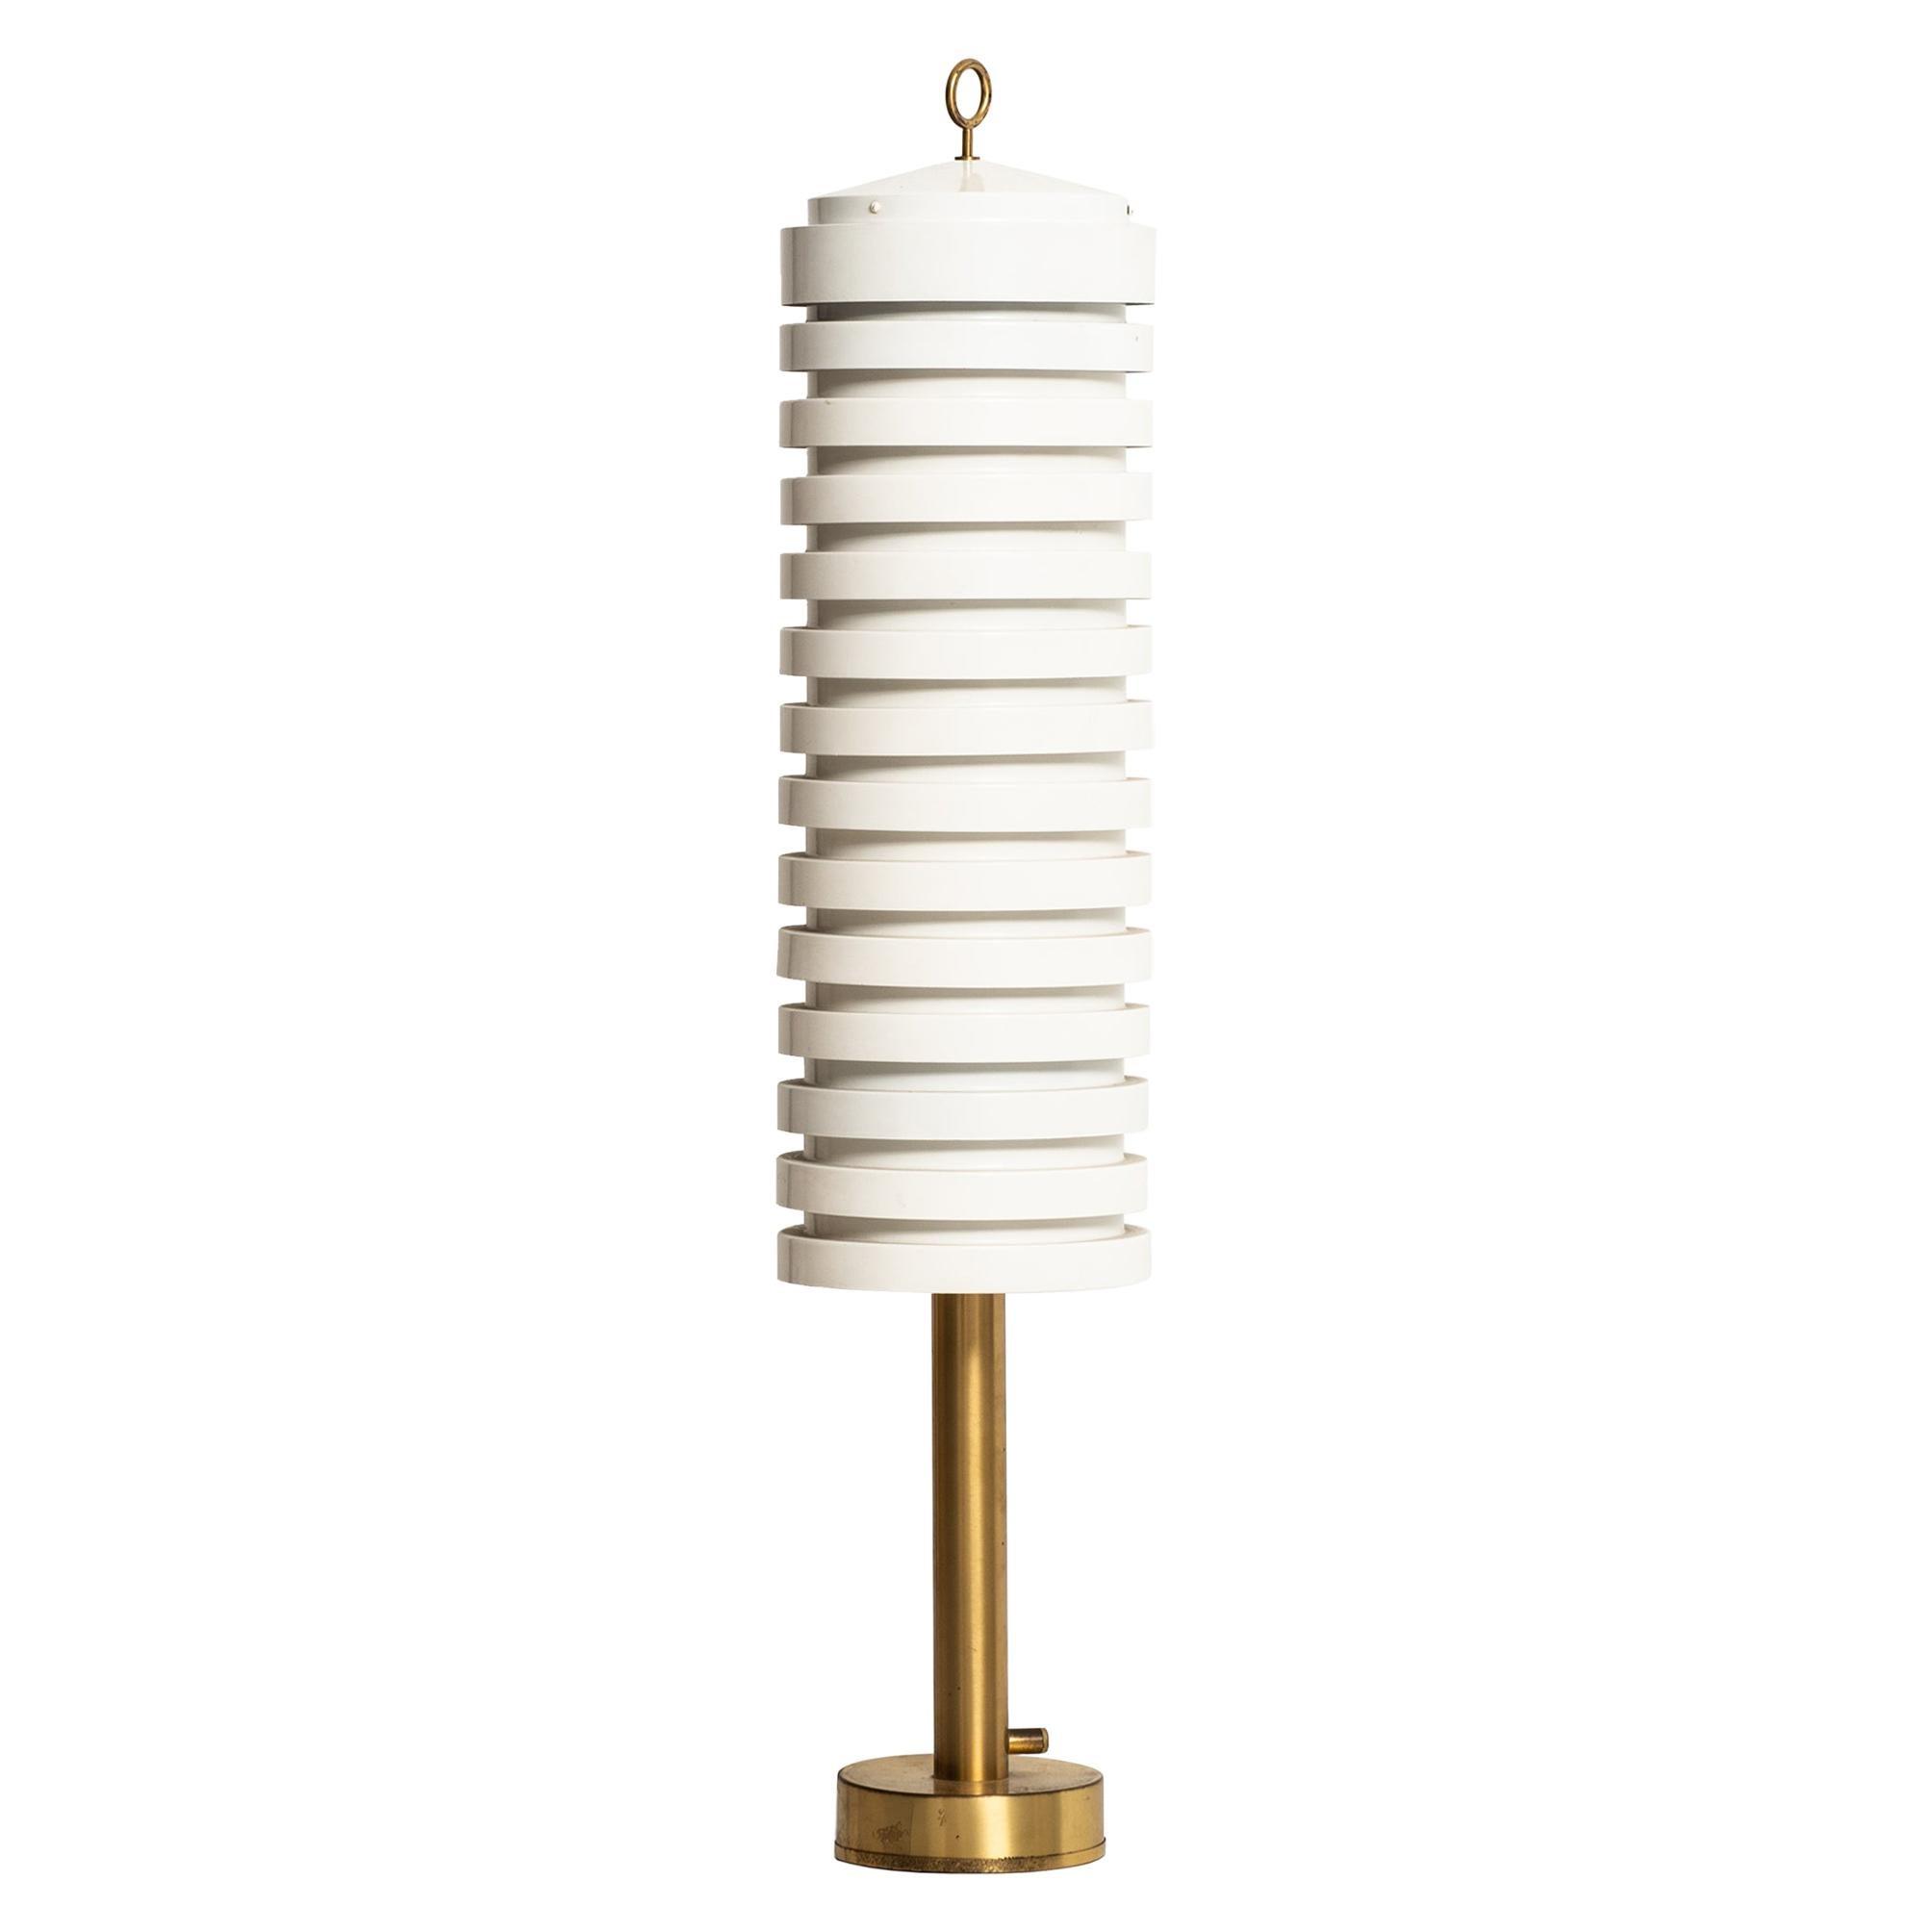 Hans-Agne Jakobsson Floor Lamp Model G-81 by Hans-Agne Jakobsson AB in Sweden